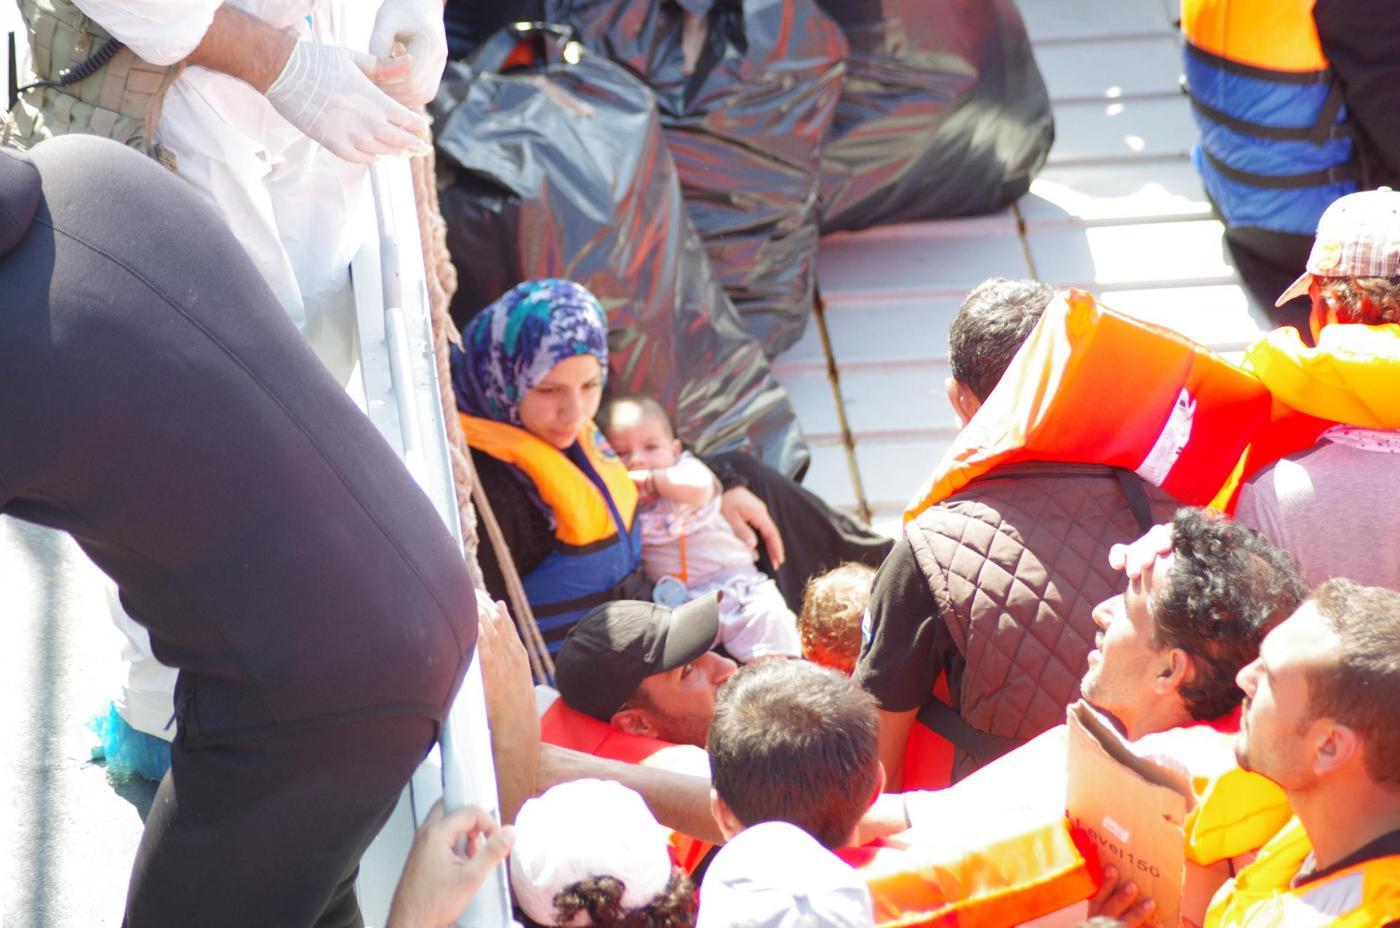 Stragi migranti 2015: tutti i naufragi nel Canale di Sicilia